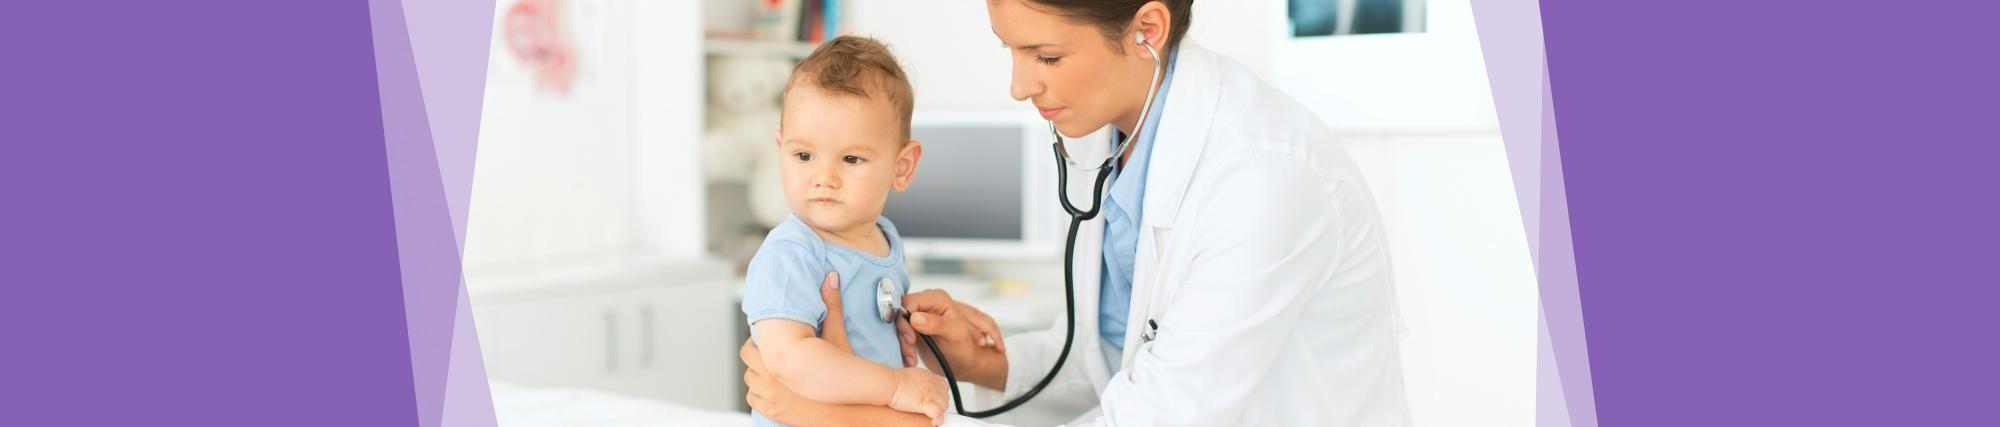 Wanneer raadpleeg je best een dokter?